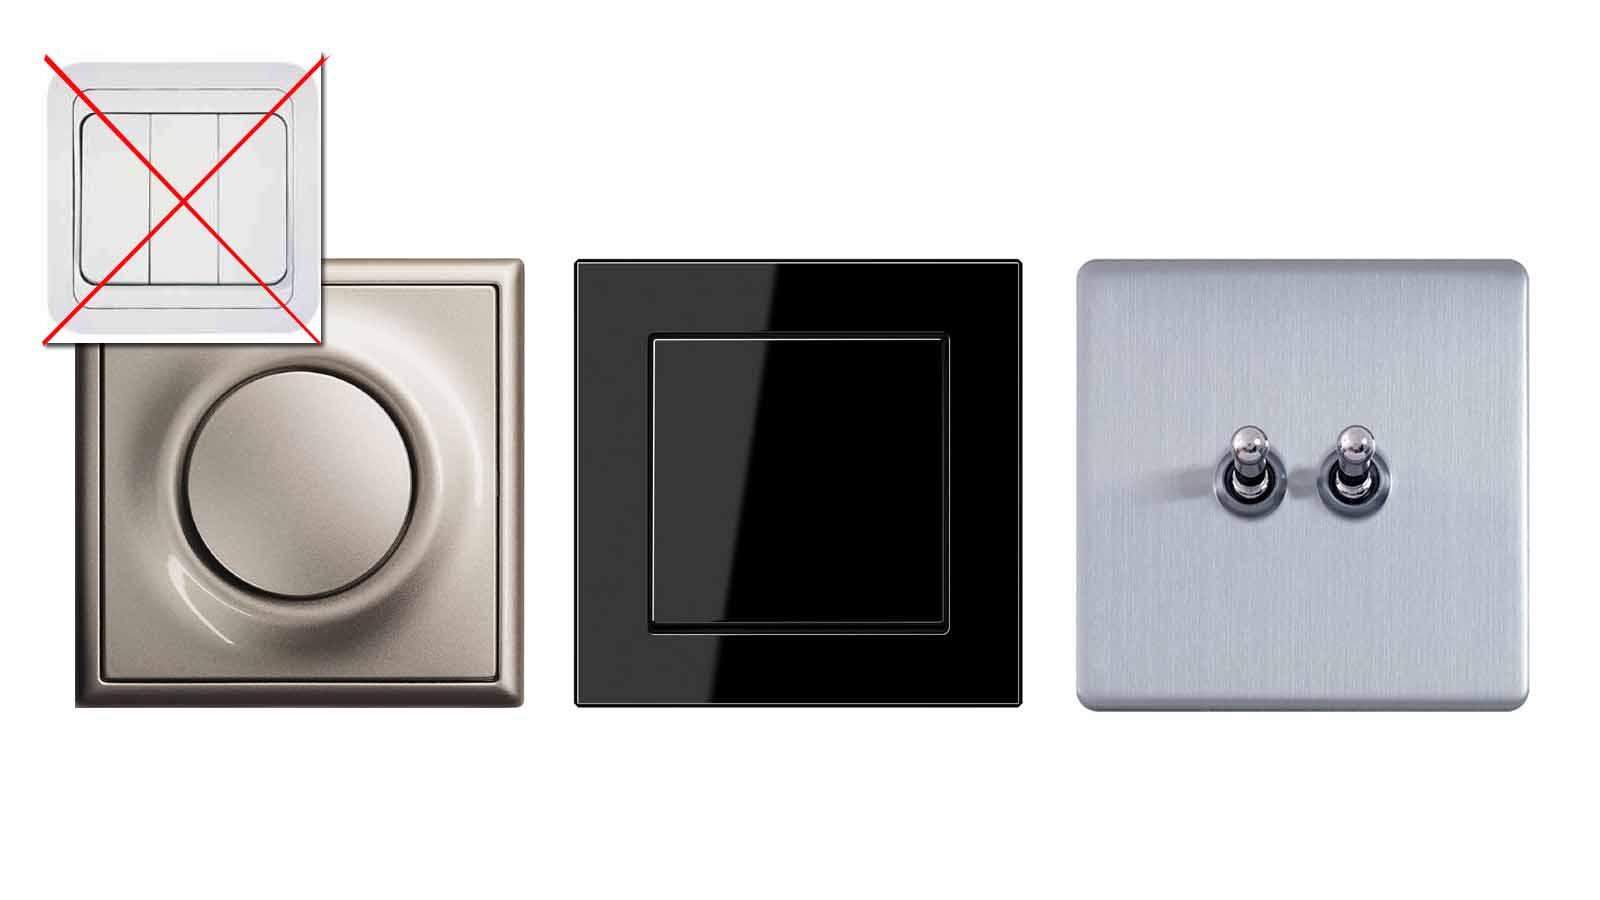 Какие розетки и выключатели лучше ставить в квартире - лучшие производители розеток и выключателей - рейтинг брендов